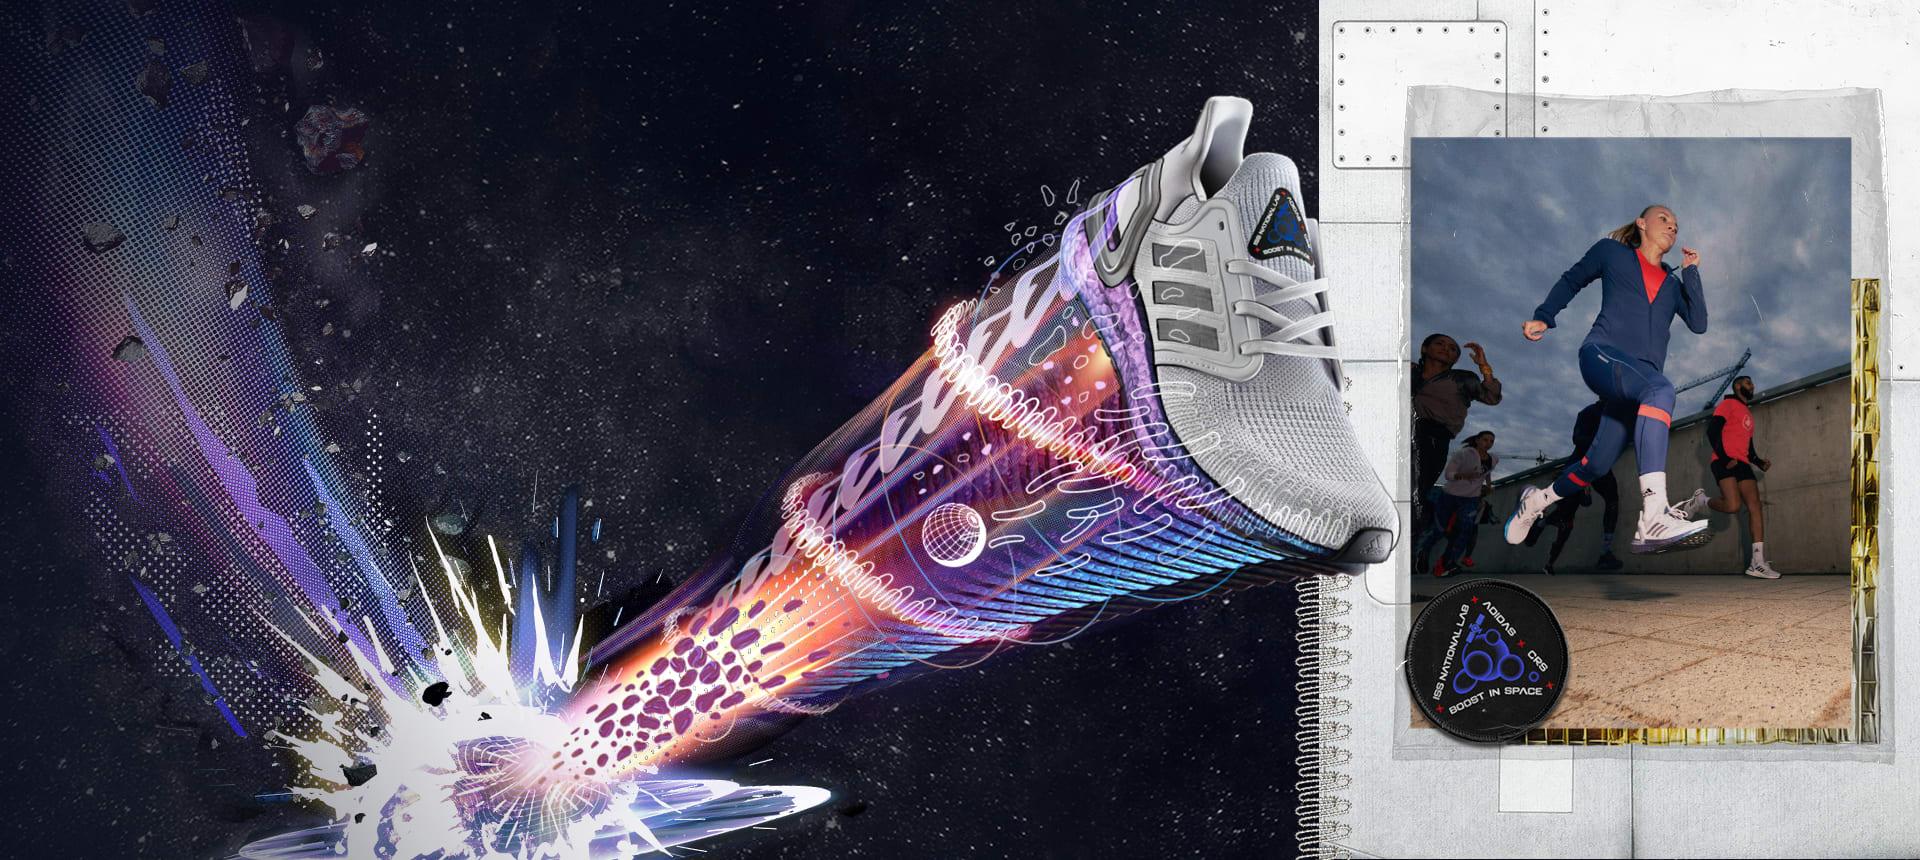 Offizielle ÖsterreichSportbekleidung Website Offizielle Offizielle ÖsterreichSportbekleidung Website adidas® adidas® ÖsterreichSportbekleidung adidas® Website adidas® f6Ygvb7y